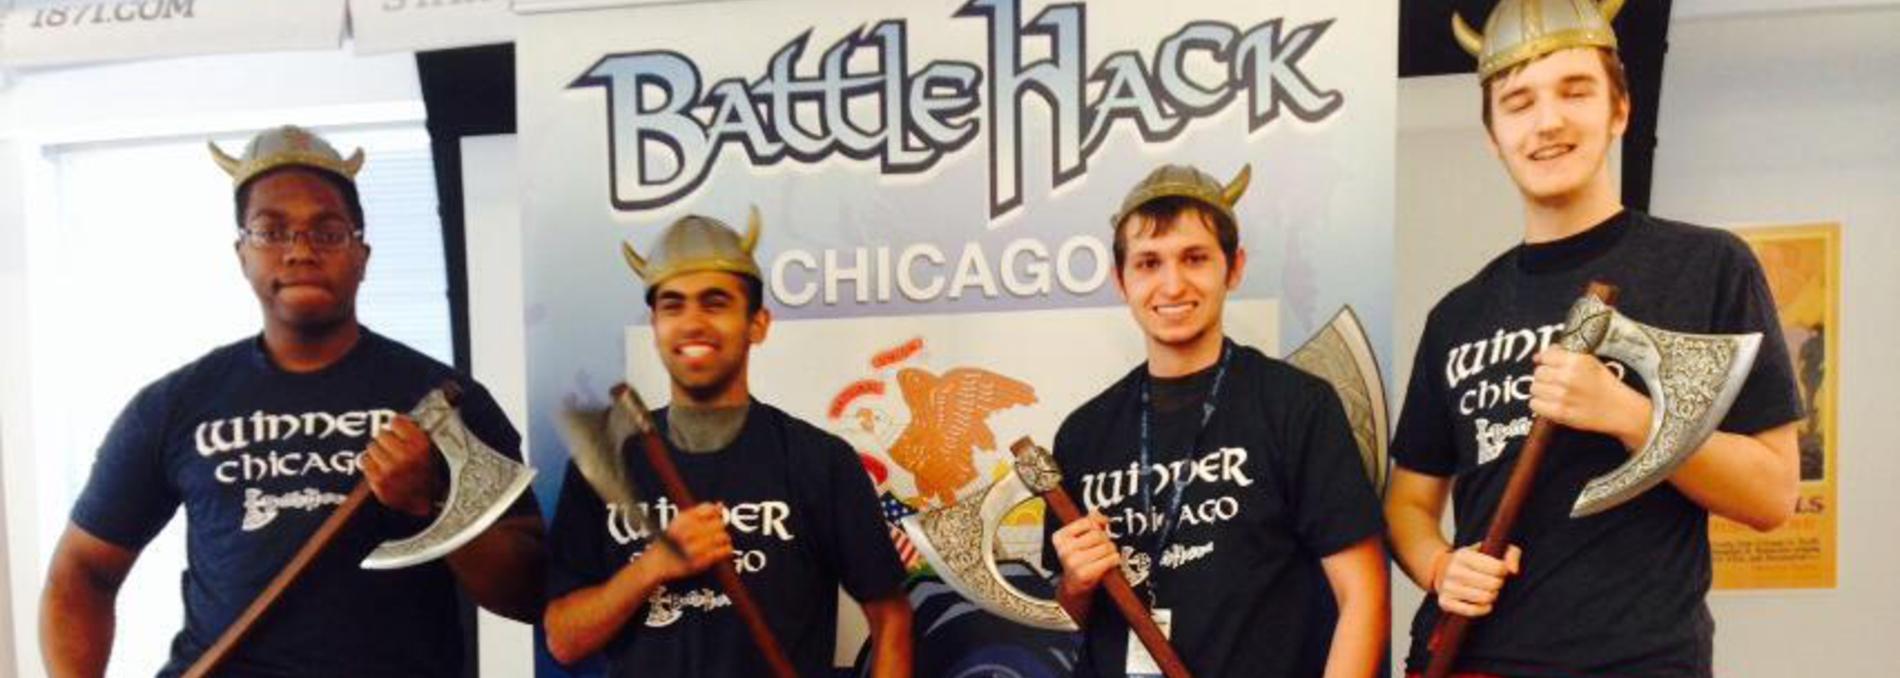 Bhack chi winners